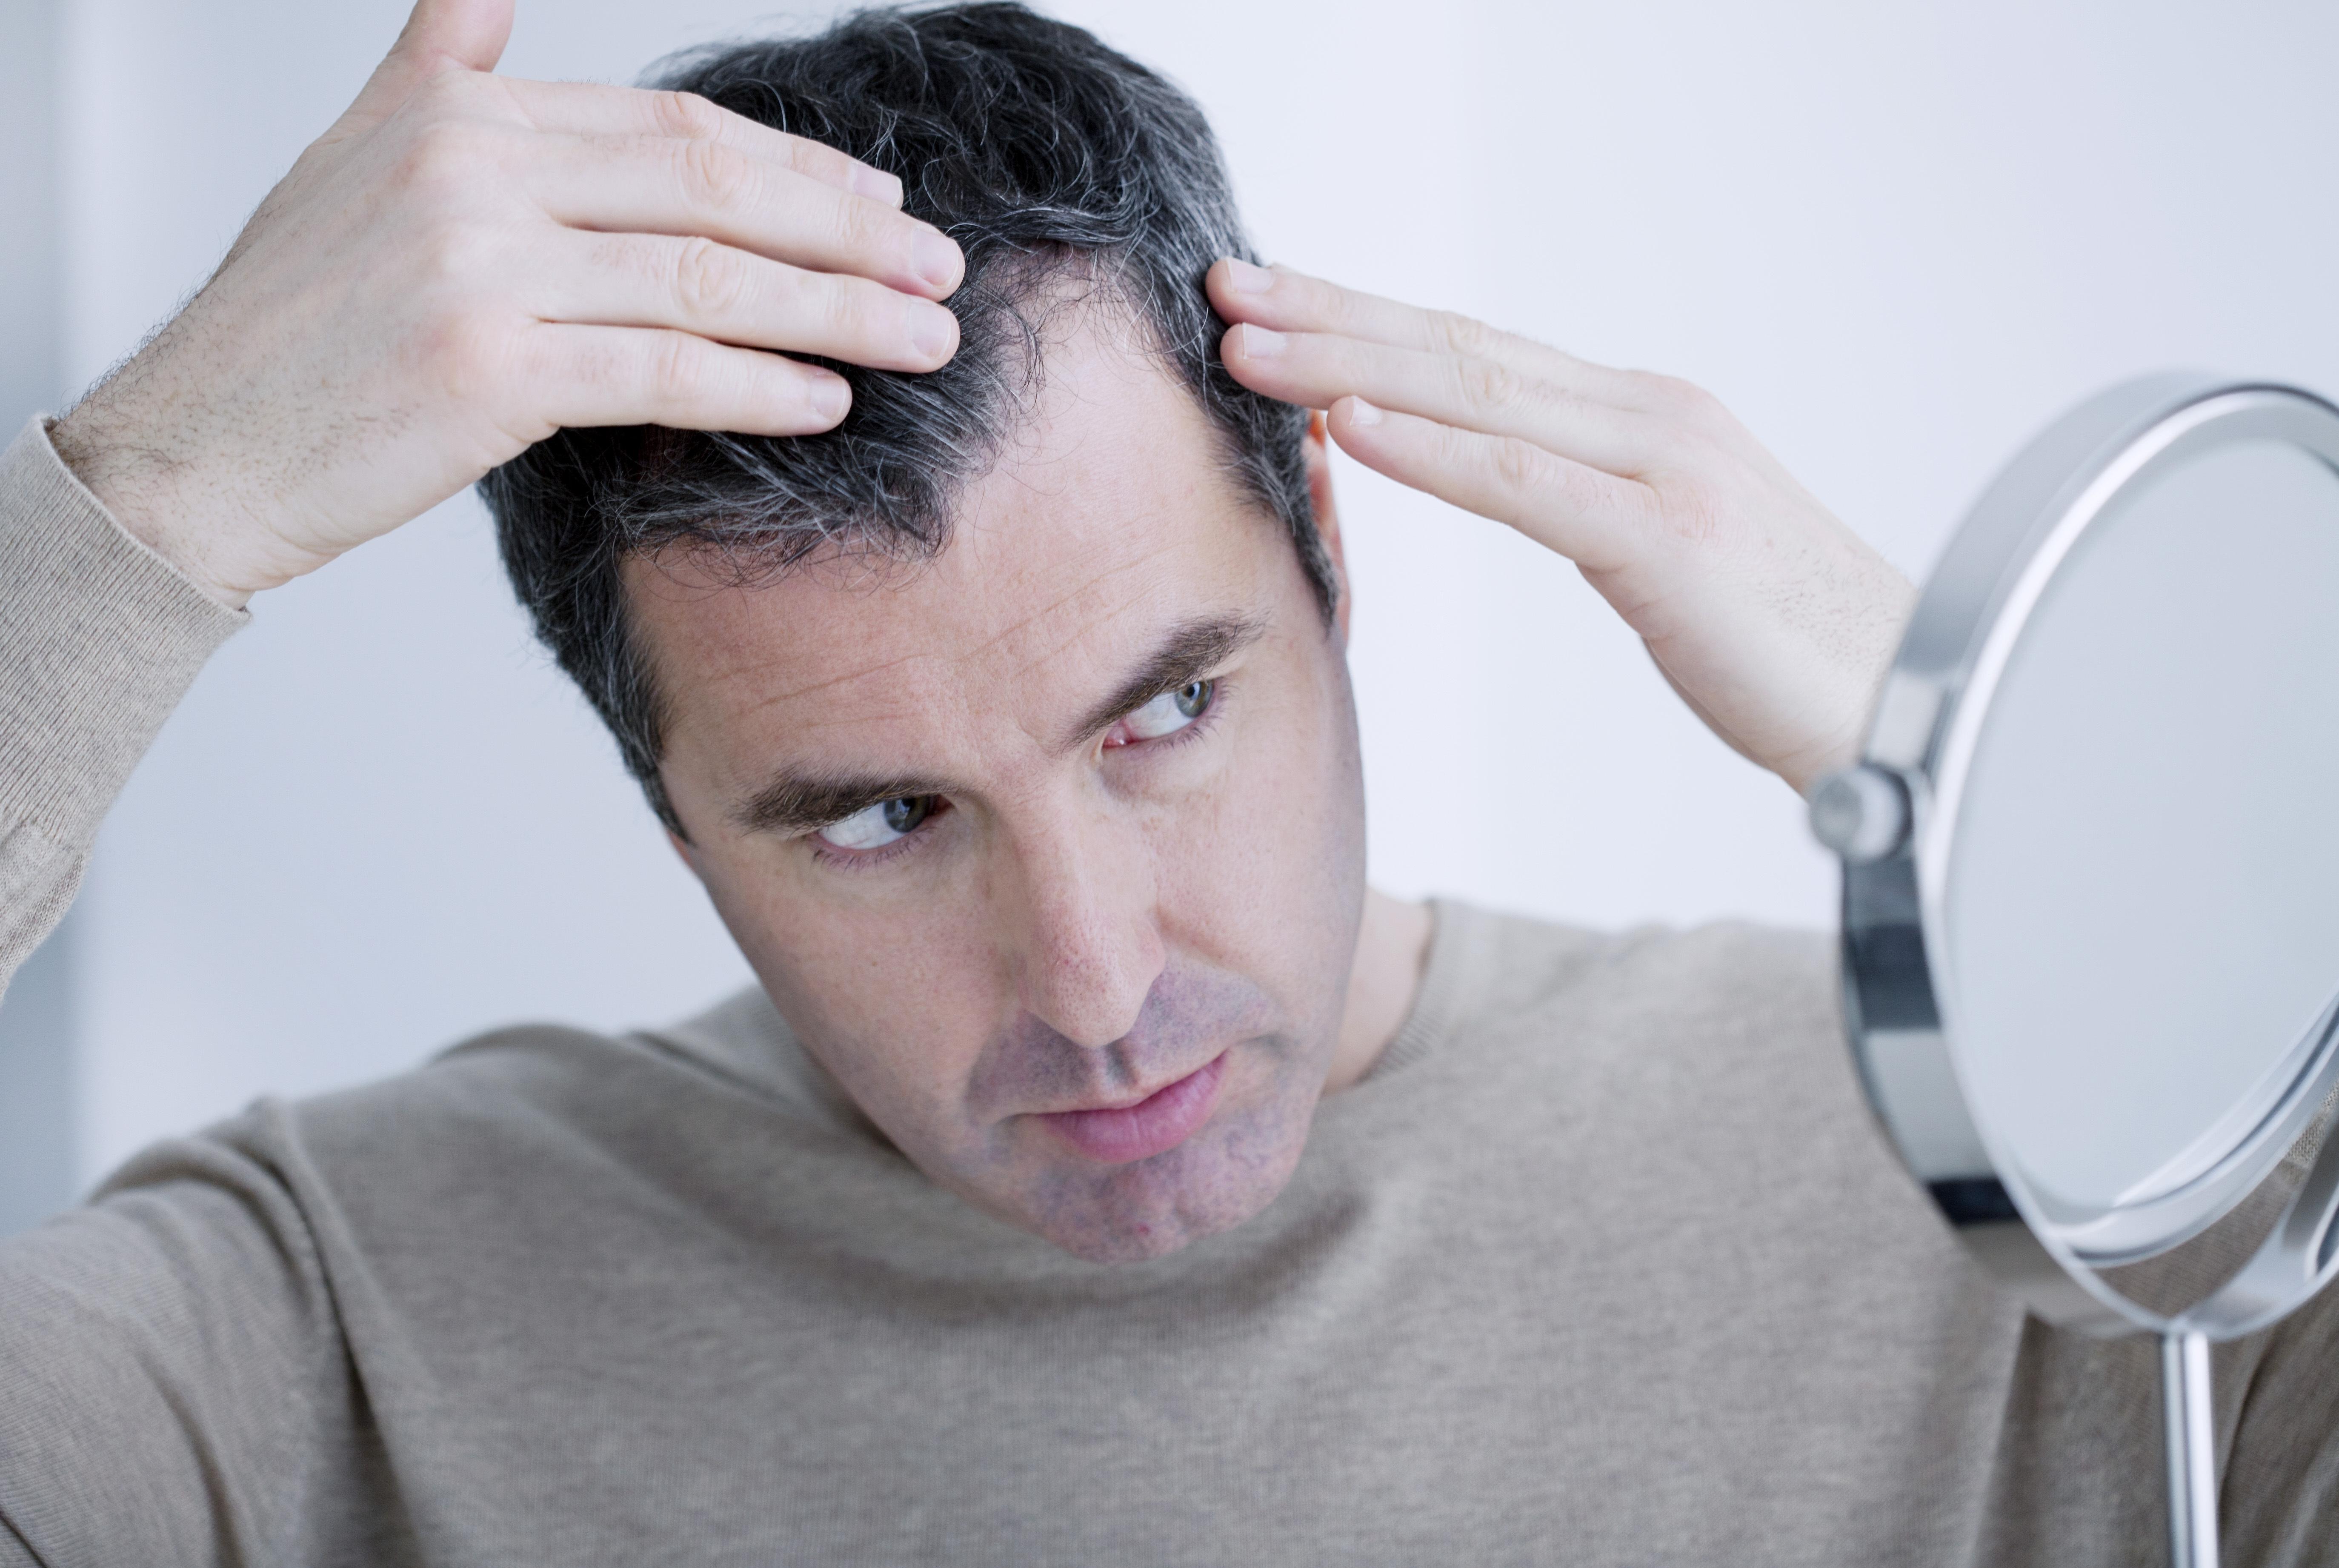 Saç dökülmesi kök hücre yöntemiyle önlenebiliyor #3